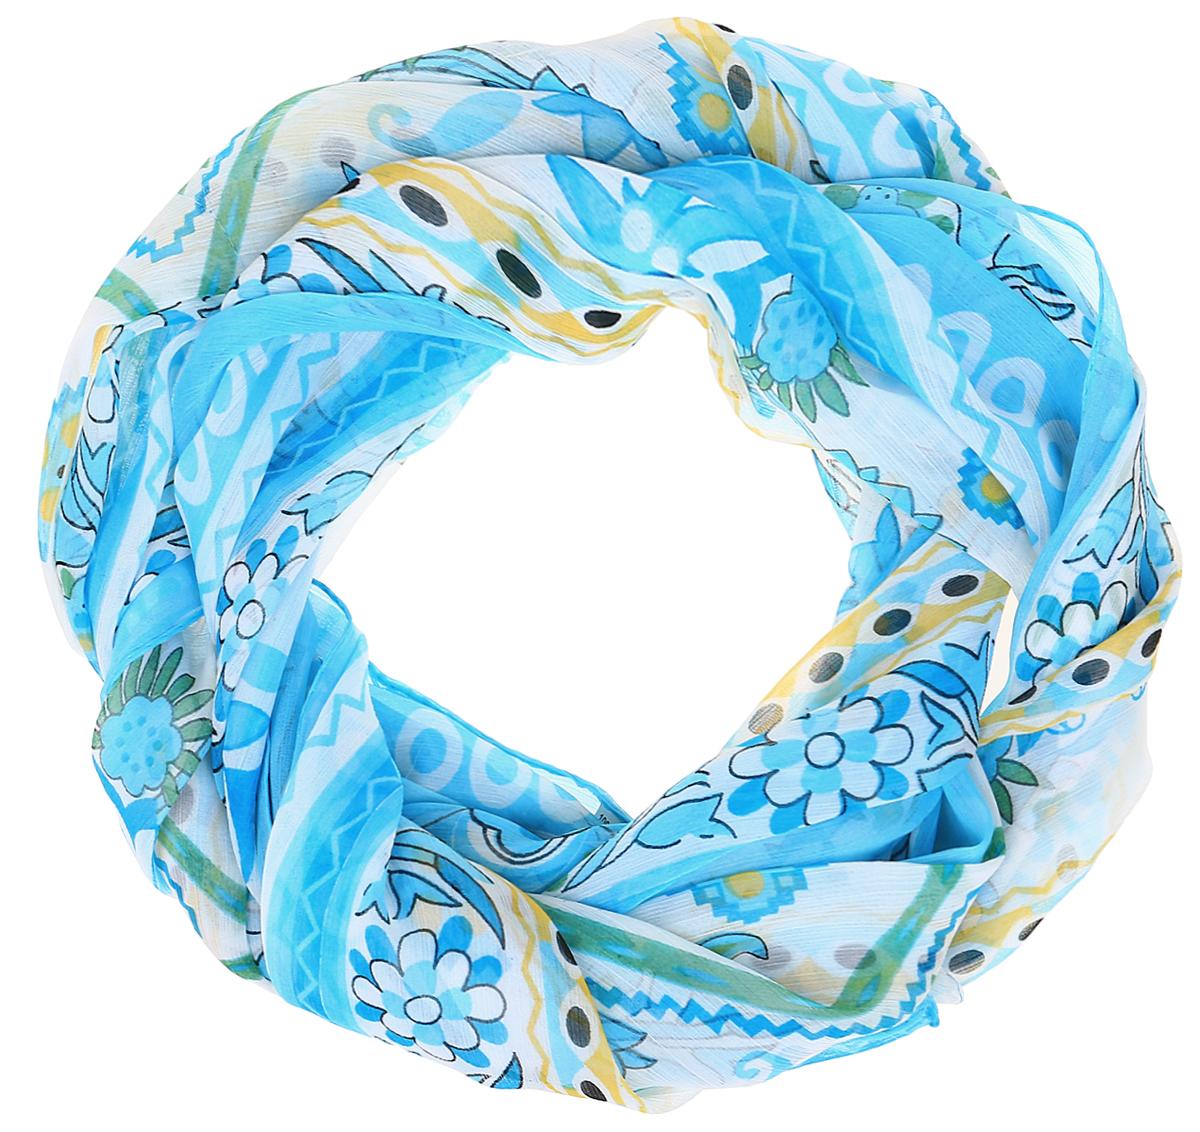 Шарф женский Ethnica, цвет: голубой, белый. 262040. Размер 50 см х 170 см262040Стильный шарф привлекательной расцветки изготовлен из 100% вискозы. Он удачно дополнит ваш гардероб и поможет создать новый повседневный образ, добавить в него яркие краски. Отличный вариант для тех, кто стремится к самовыражению и новизне!